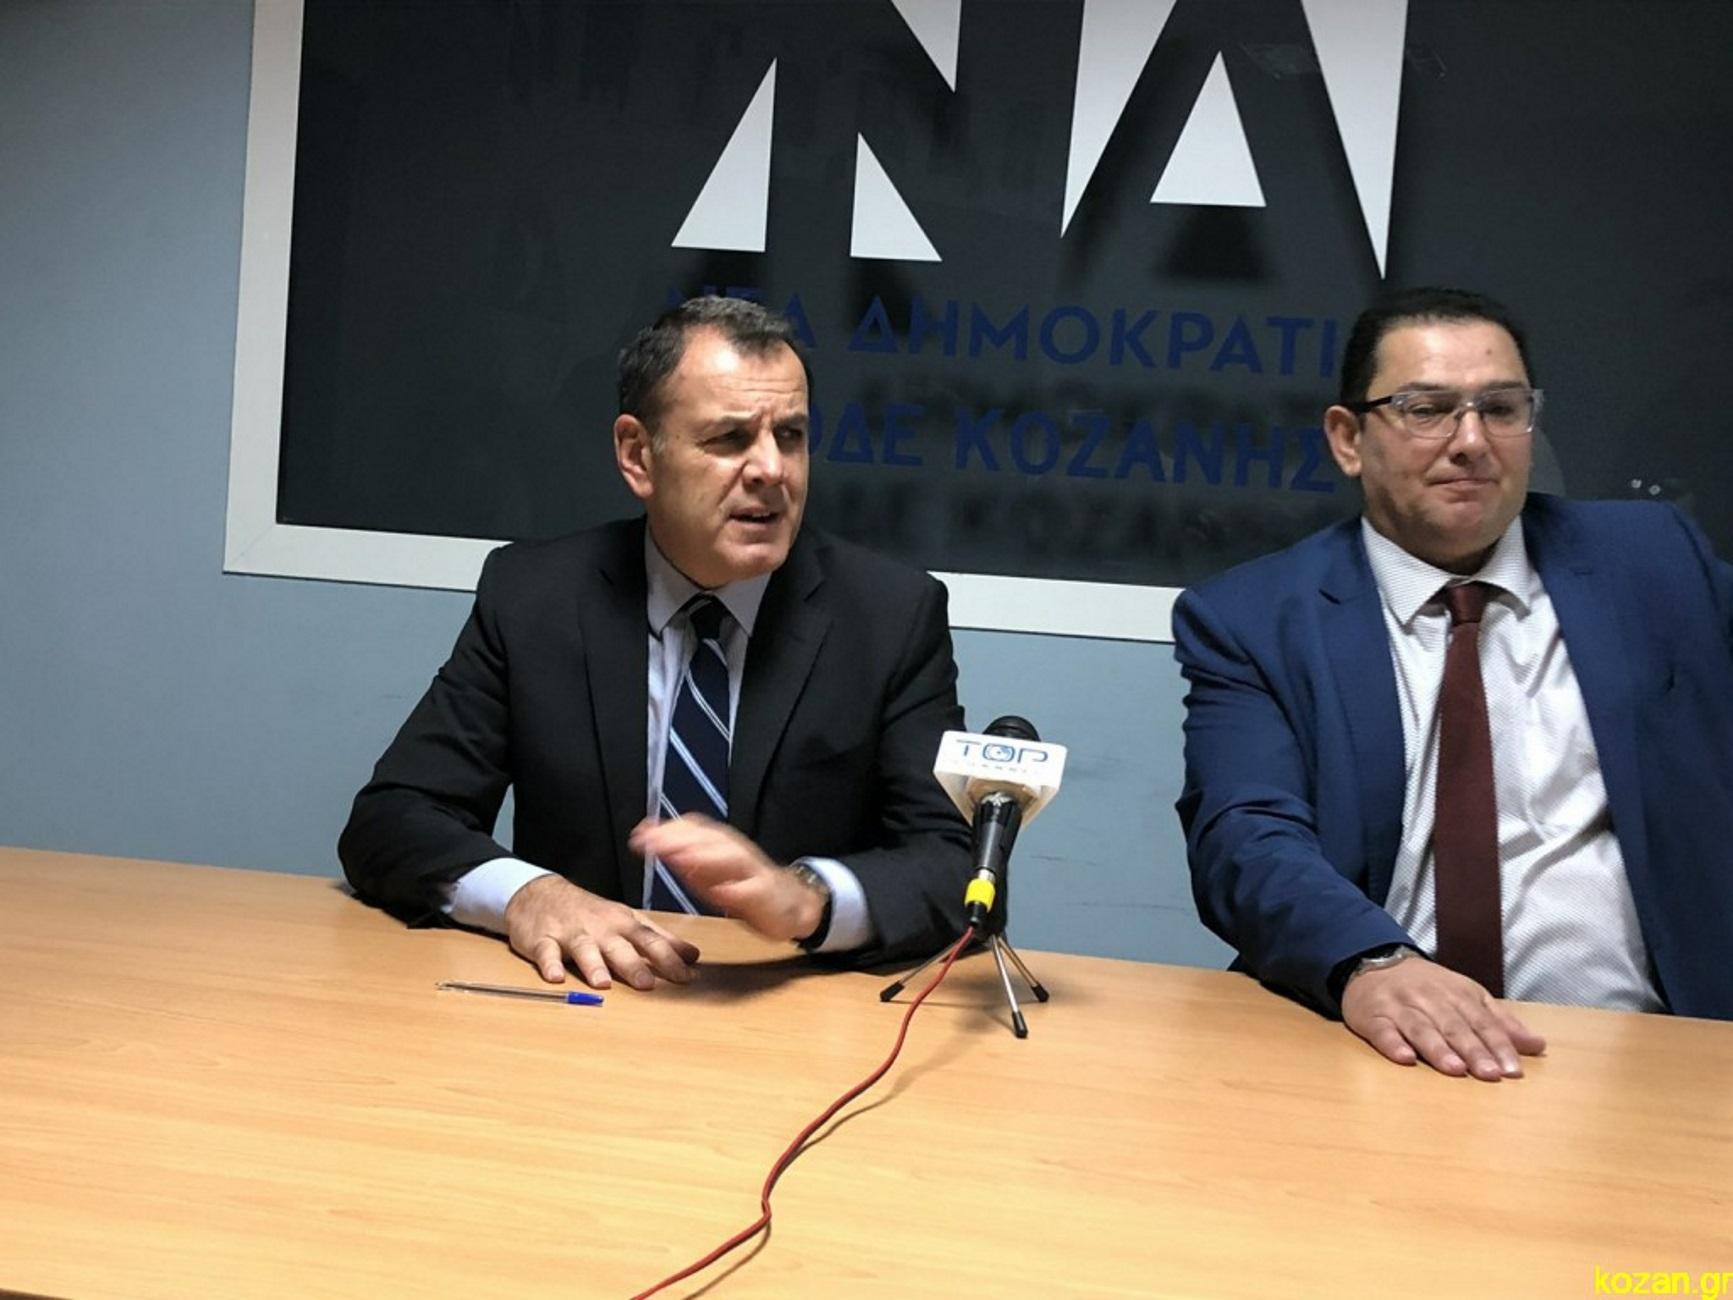 Κοζάνη: Η ερώτηση για την Τουρκία που σχολίασε αρνητικά ο Νίκος Παναγιωτόπουλος [video]